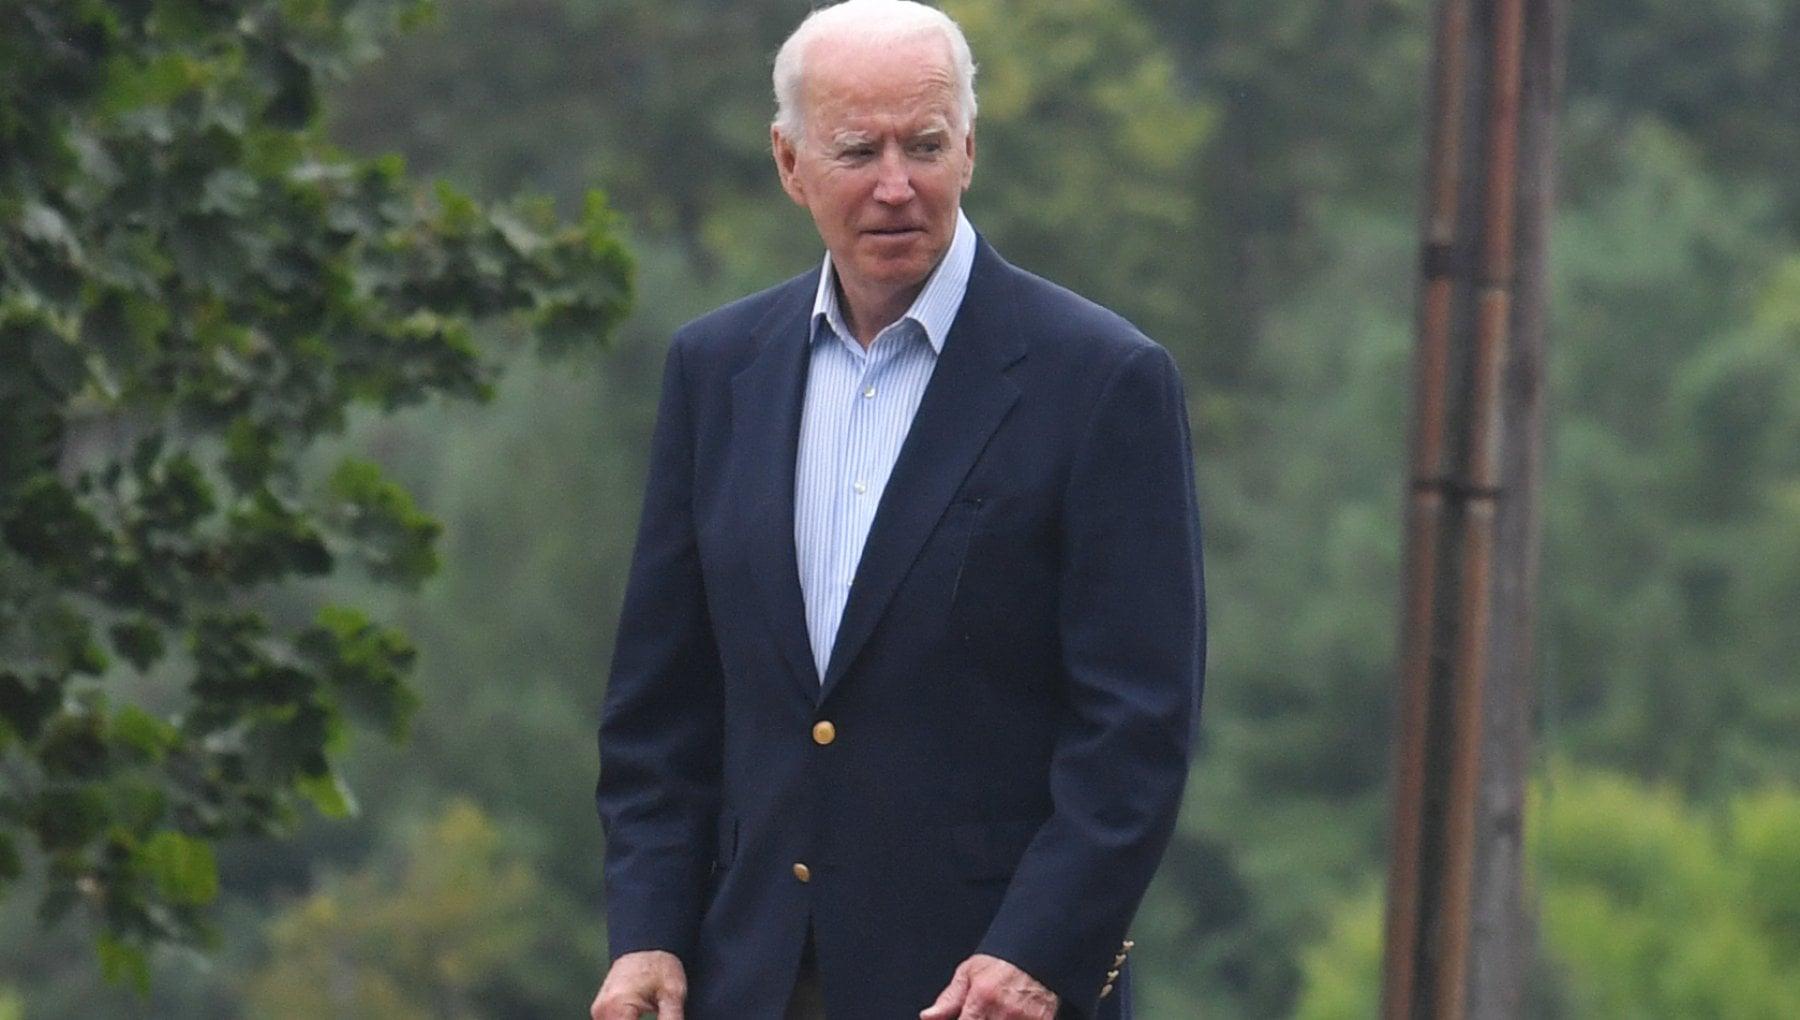 """093646081 6fe19117 6a43 4a8b a78e 486f3a61ca61 - Usa, i familiari delle vittime dell'11 settembre: """"Biden pubblichi i dossier segreti o non partecipi alla commemorazione"""""""